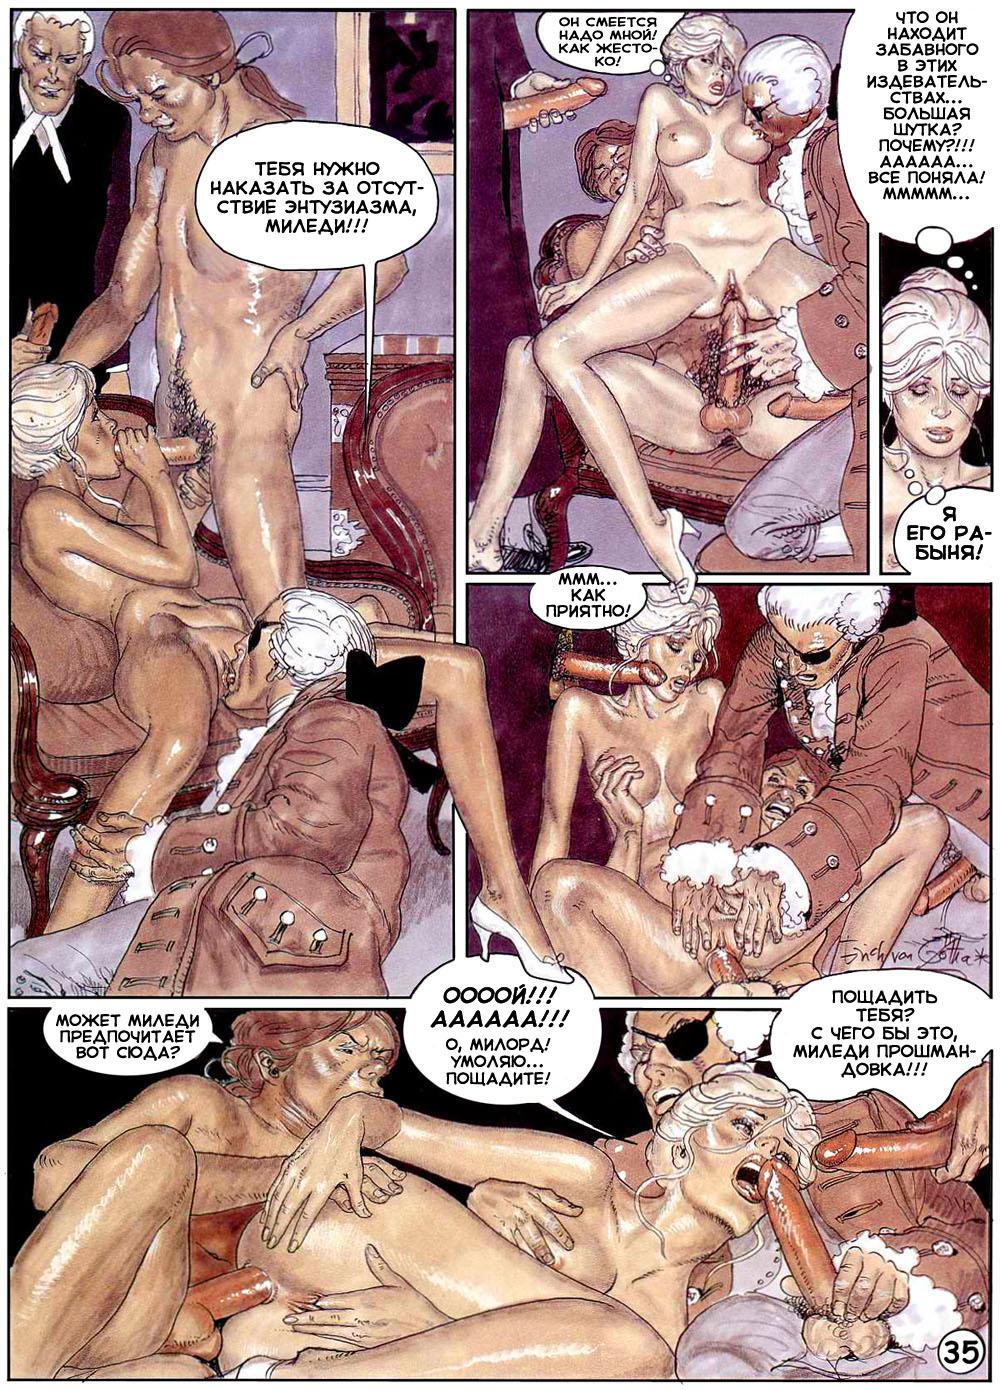 Читать новинки порно рассказы и комиксы онлайн 21 фотография